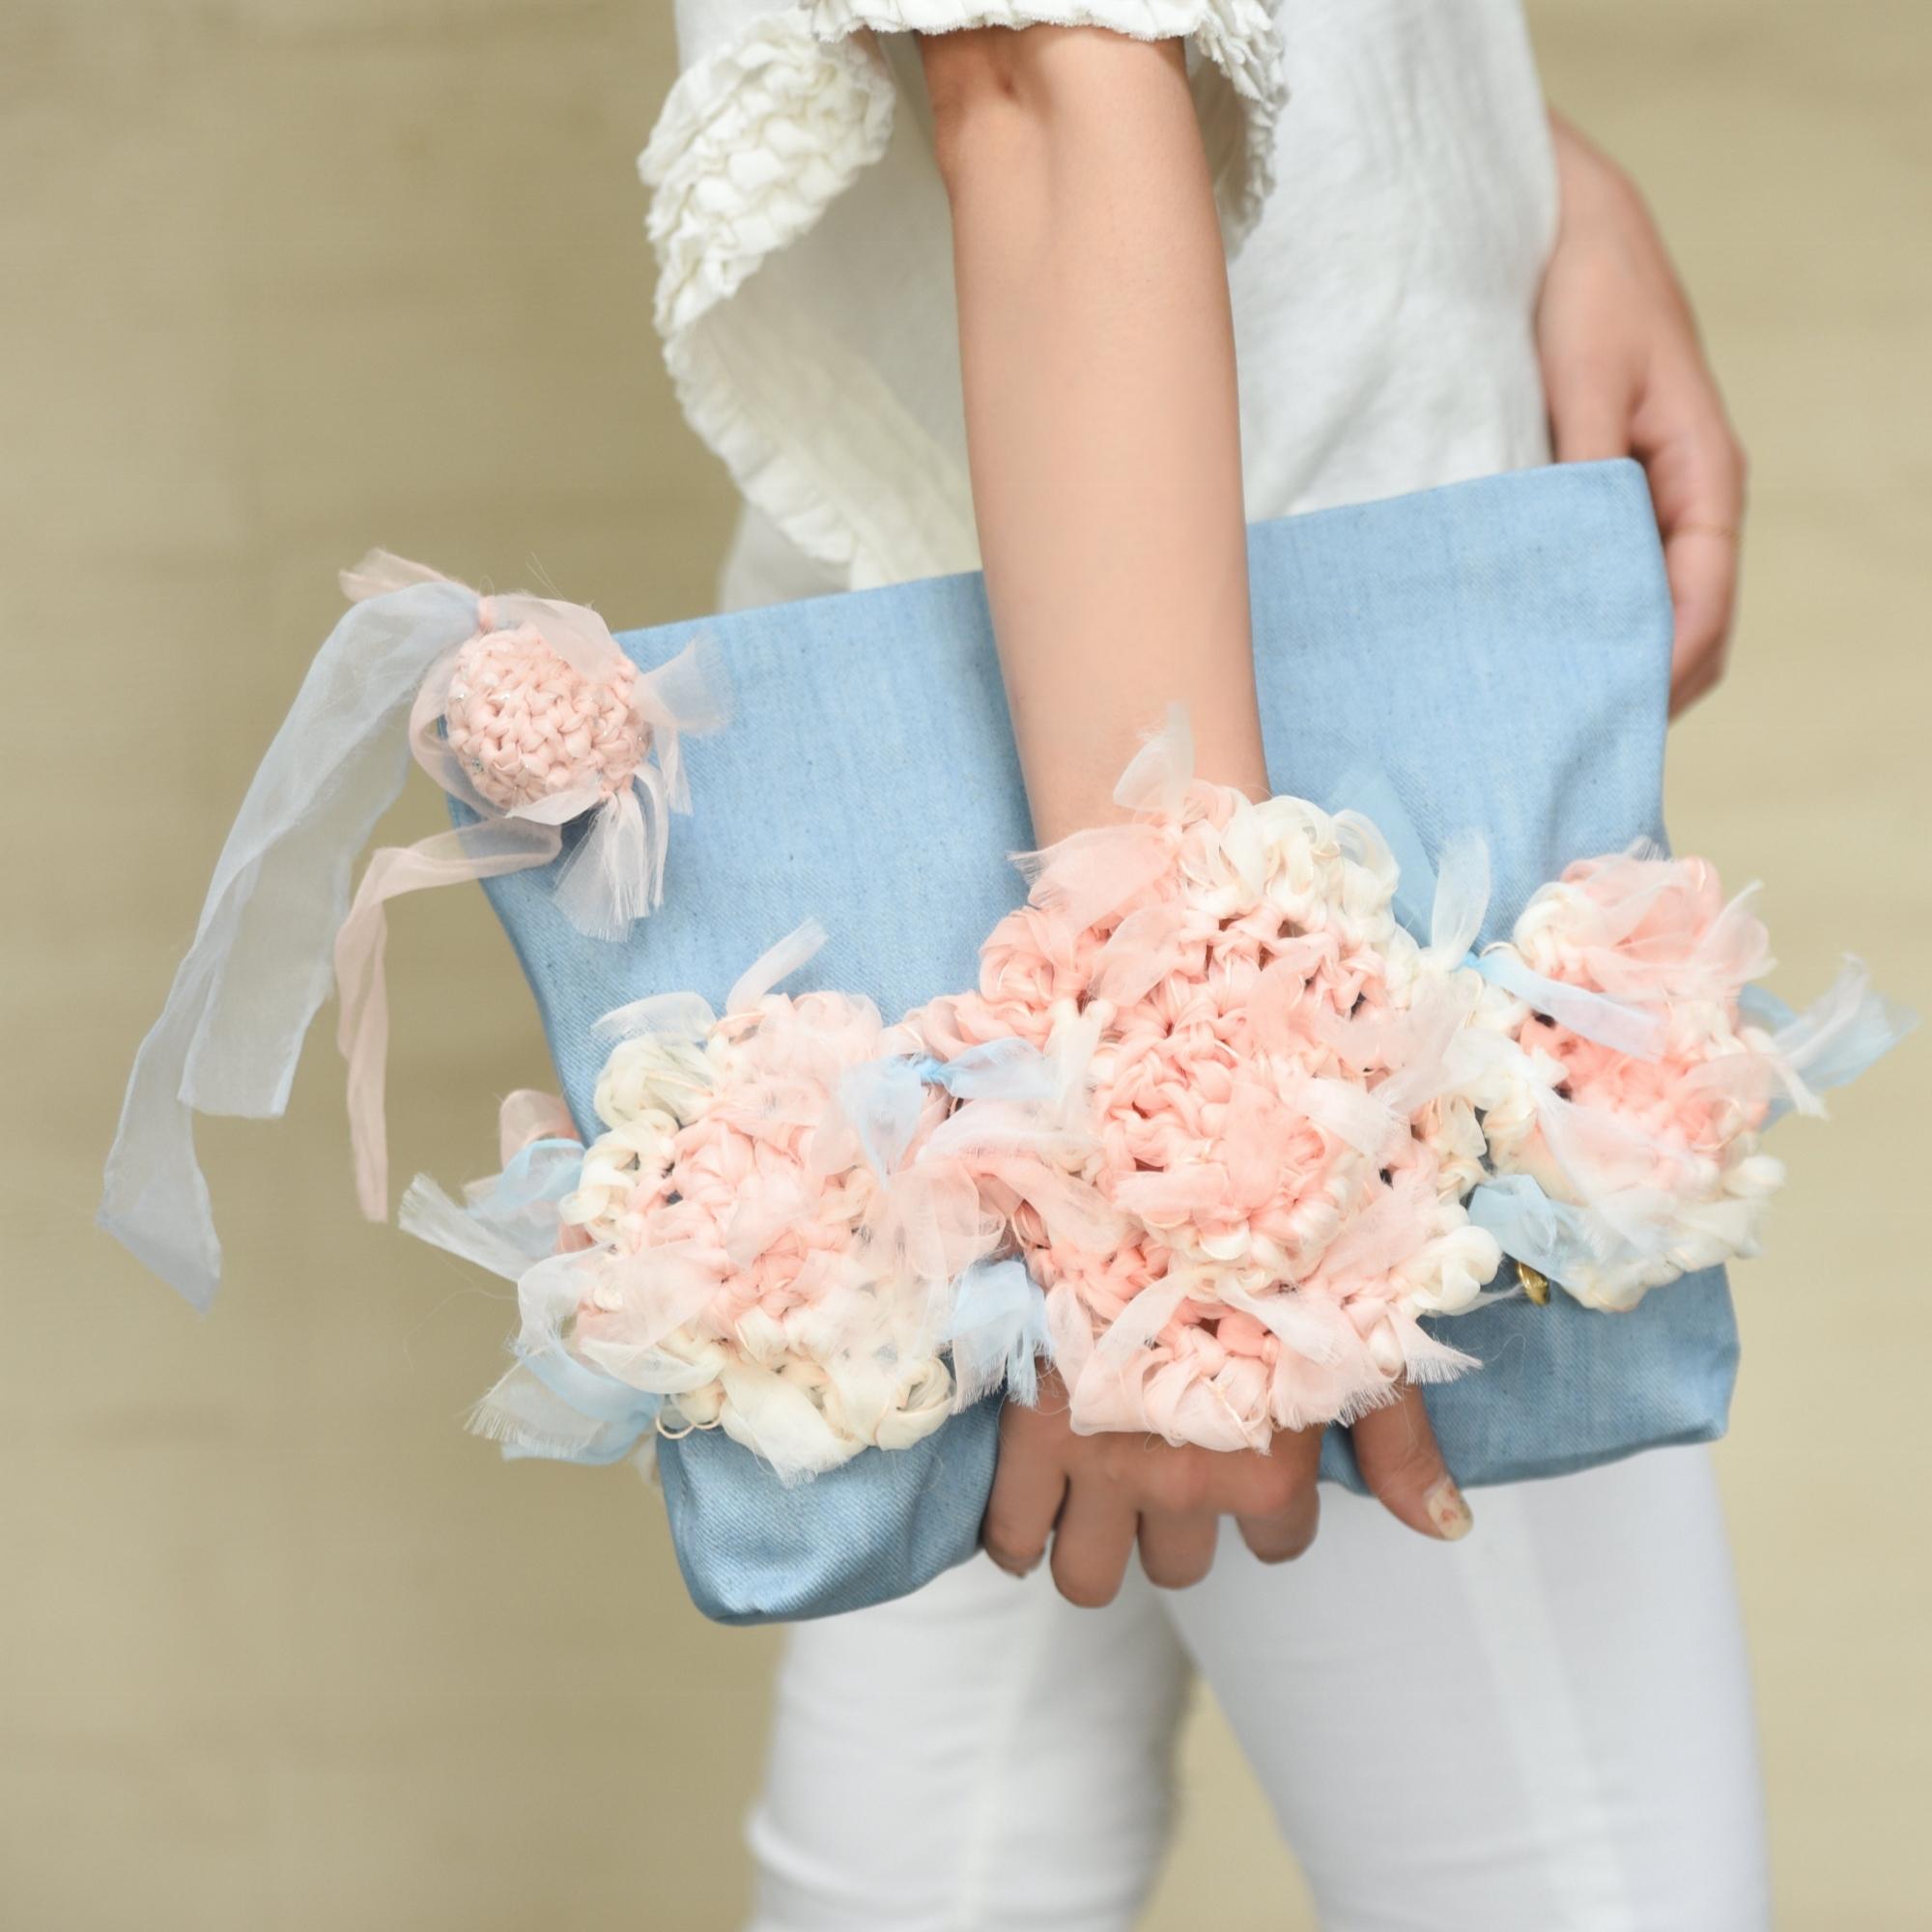 クラッチ!咲き編みフラワー×デニムポーチ